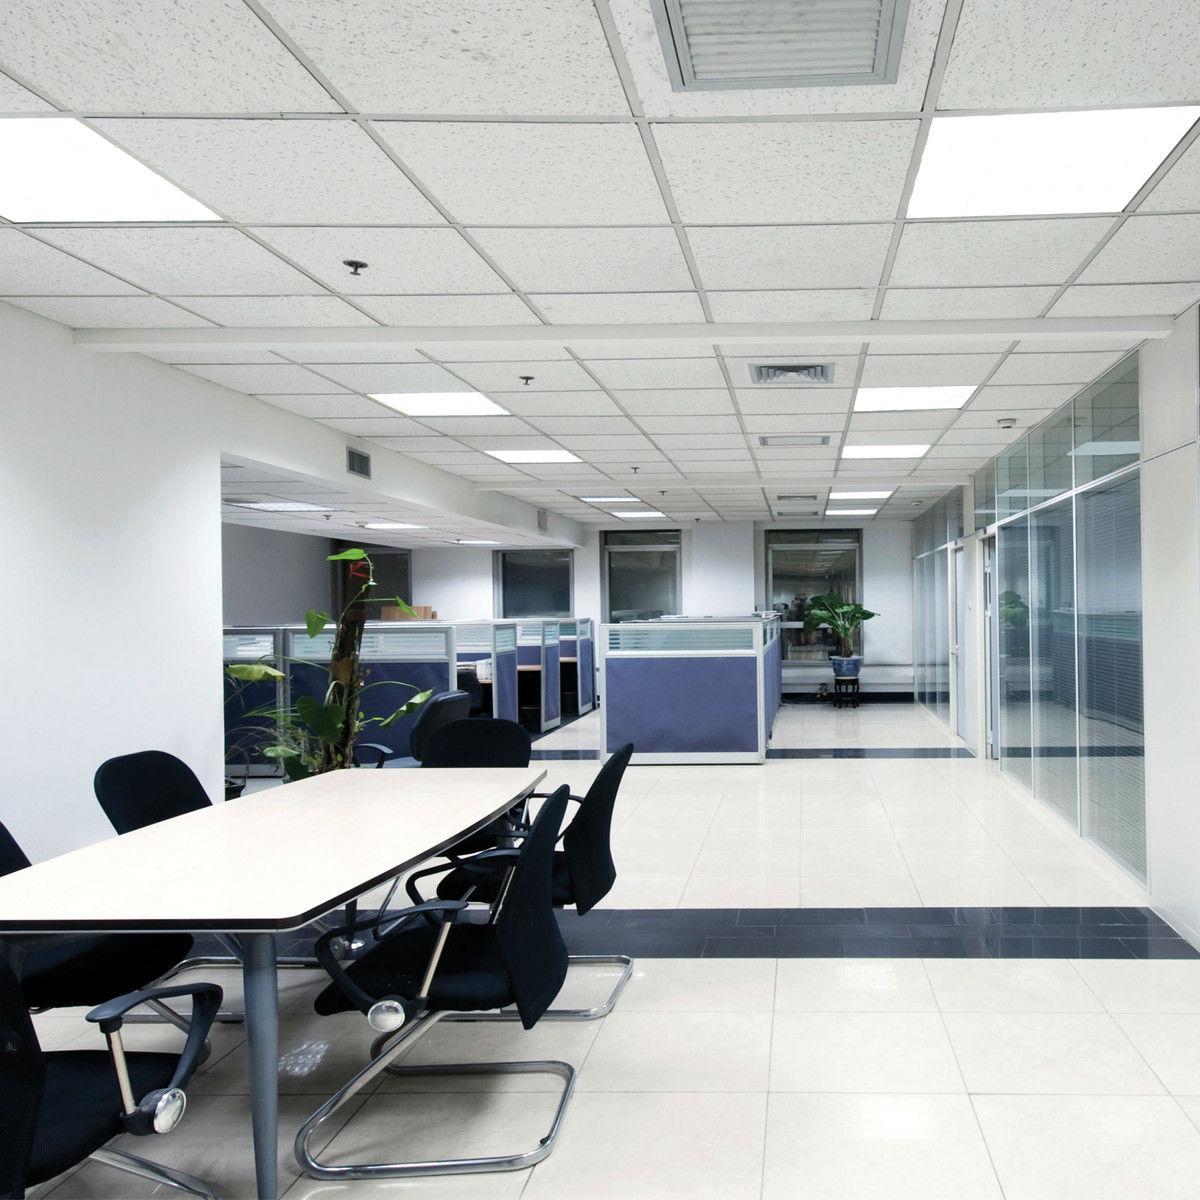 LED-paneler för kontorslandskap